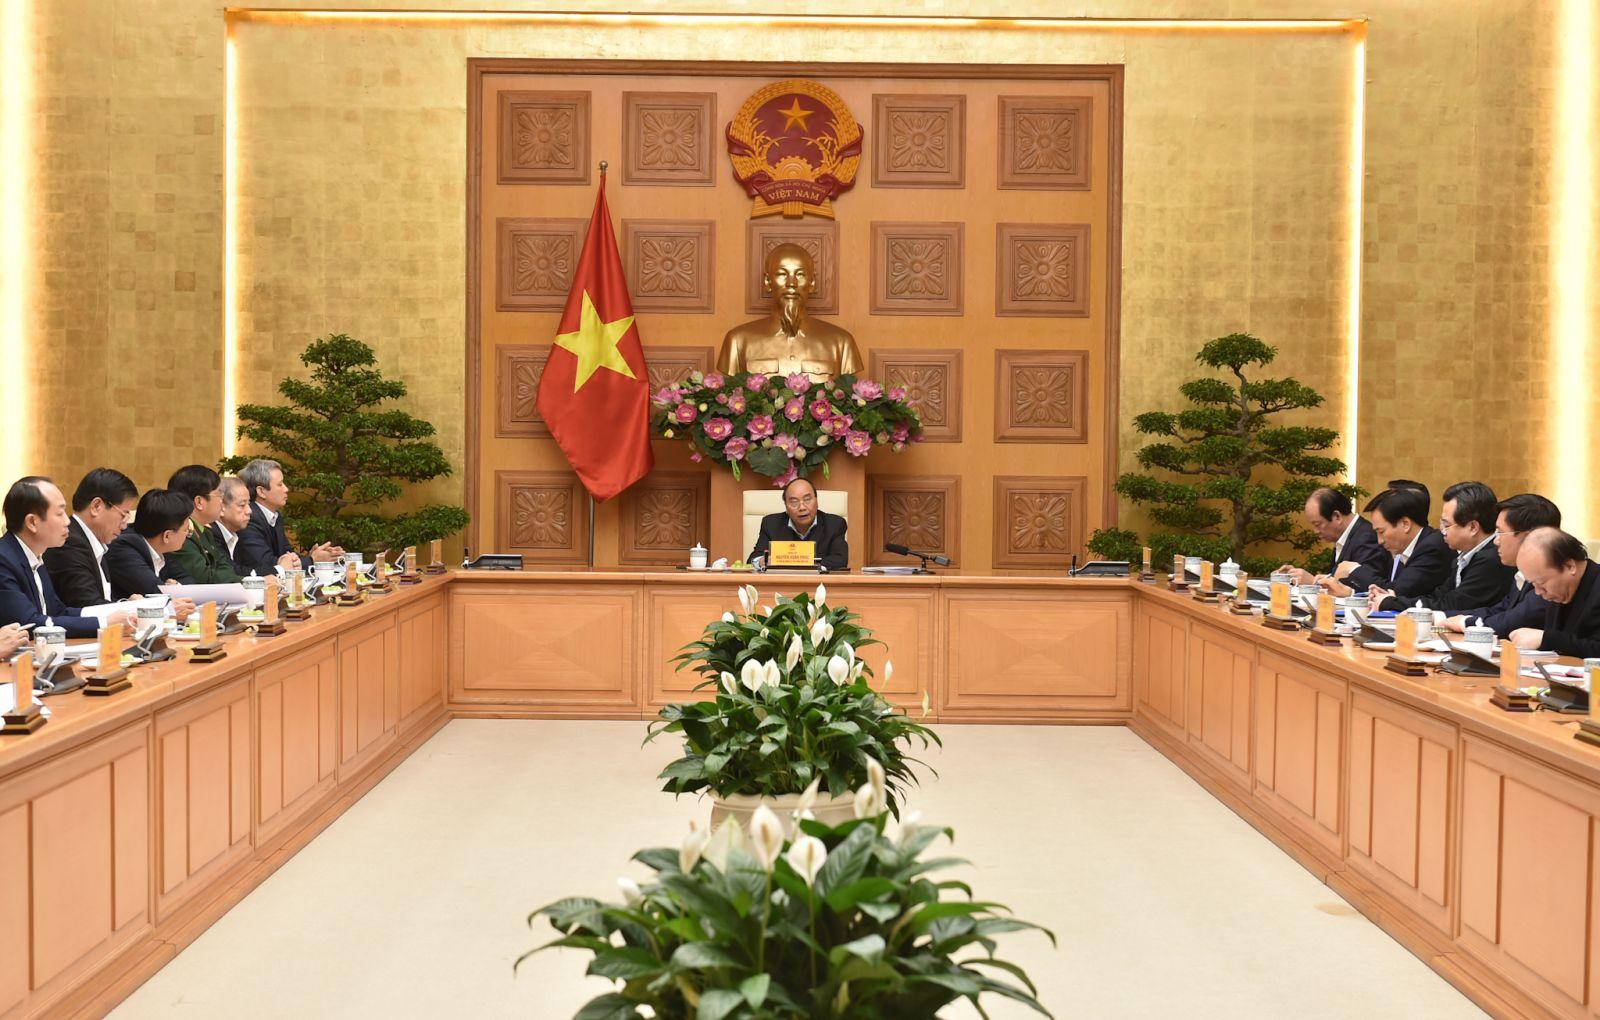 Thủ tướng làm việc với lãnh đạo tỉnh Thừa Thiên - Huế ngày 17-12-2020. Ảnh: VGP/Quang Hiếu